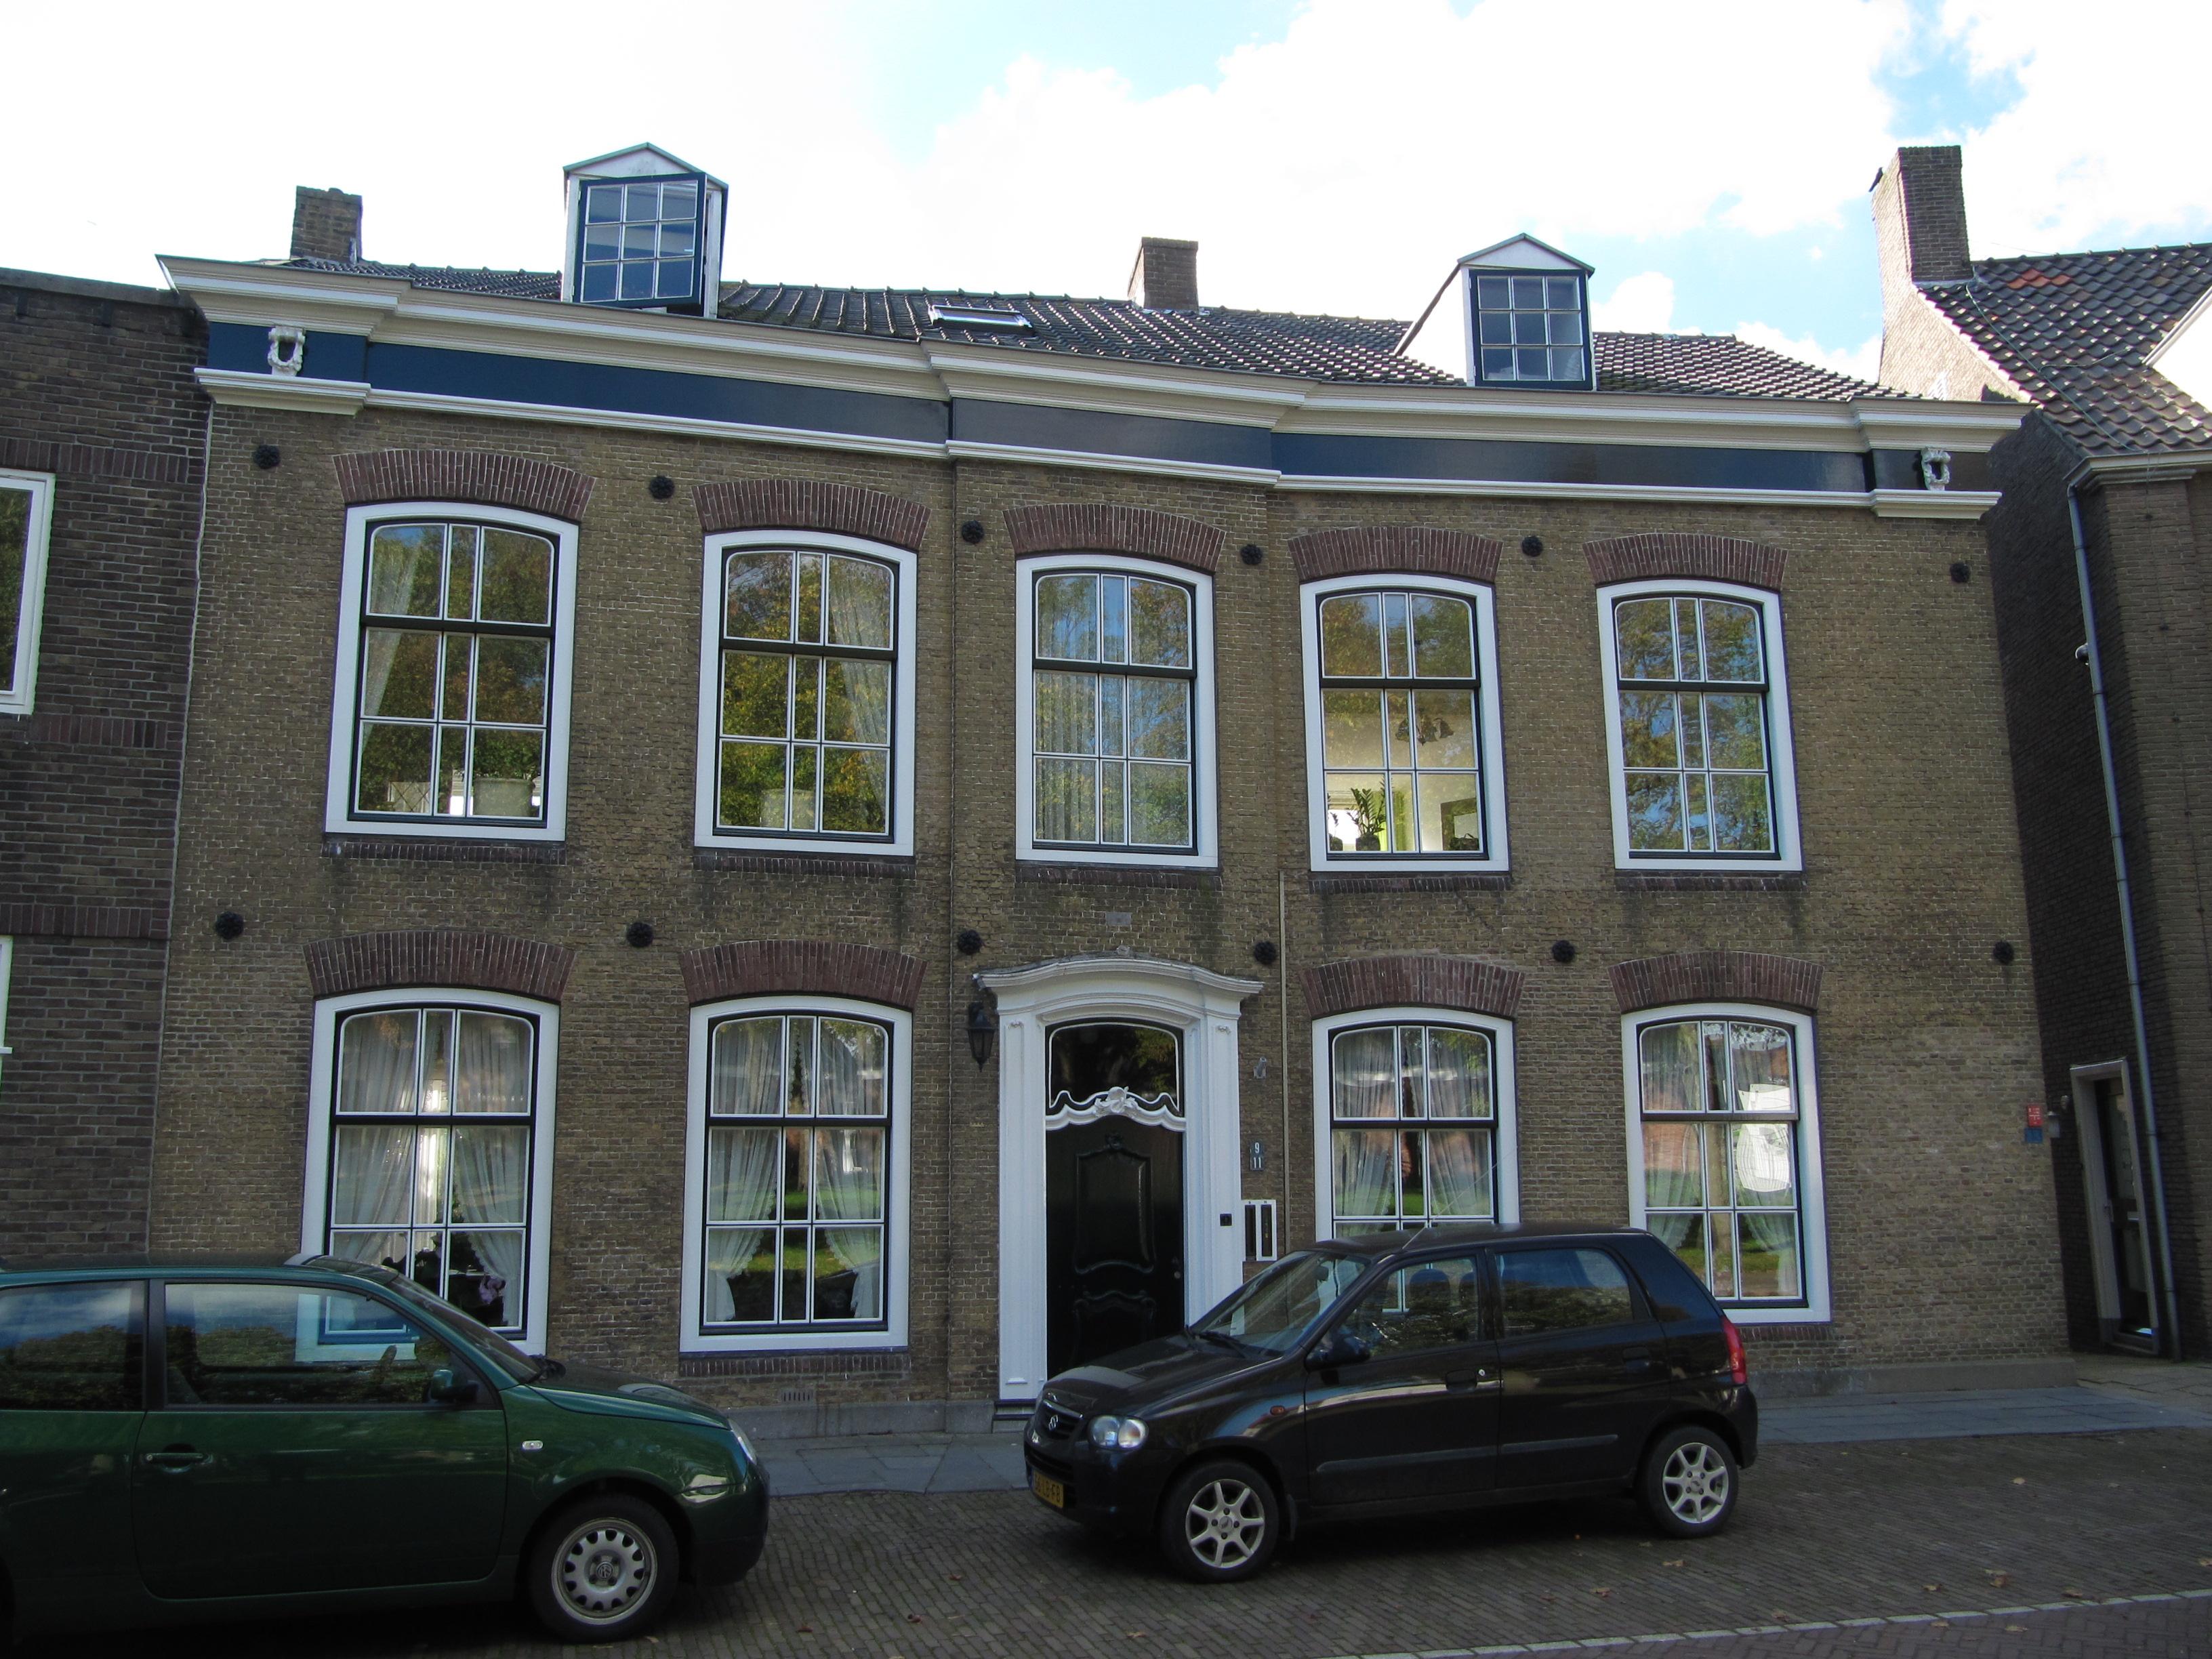 Nieuw huis opgebouwd met behoud van oude lijstgevel vijf travee n brede gevel van gele baksteen - Oude huis gevel ...